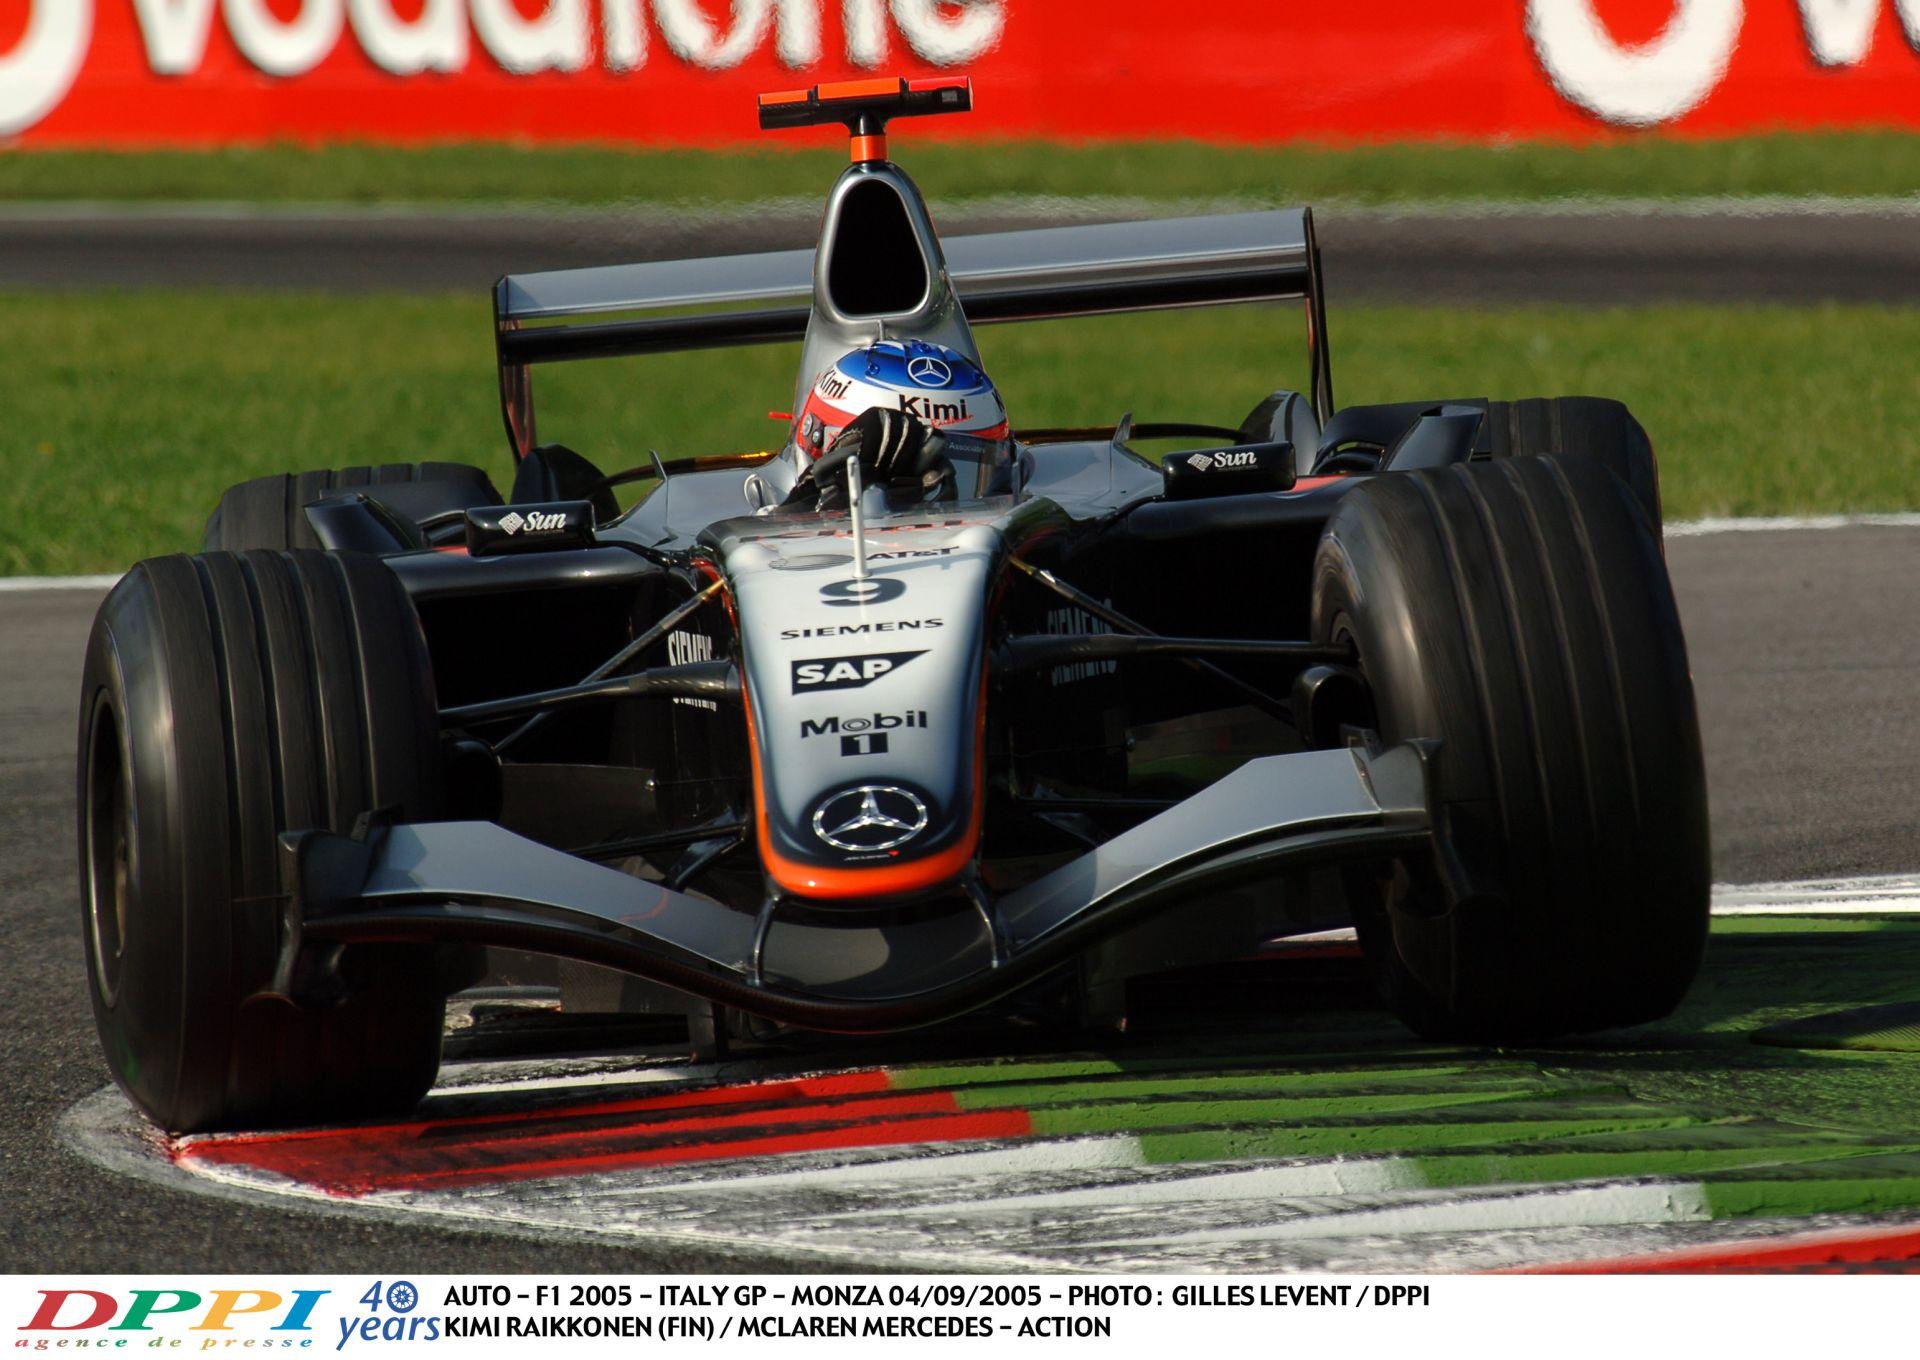 Ettől biztosan bekönnyezel: Raikkönen csapatja neki a 2005-ös V10-es McLarennel Monzában